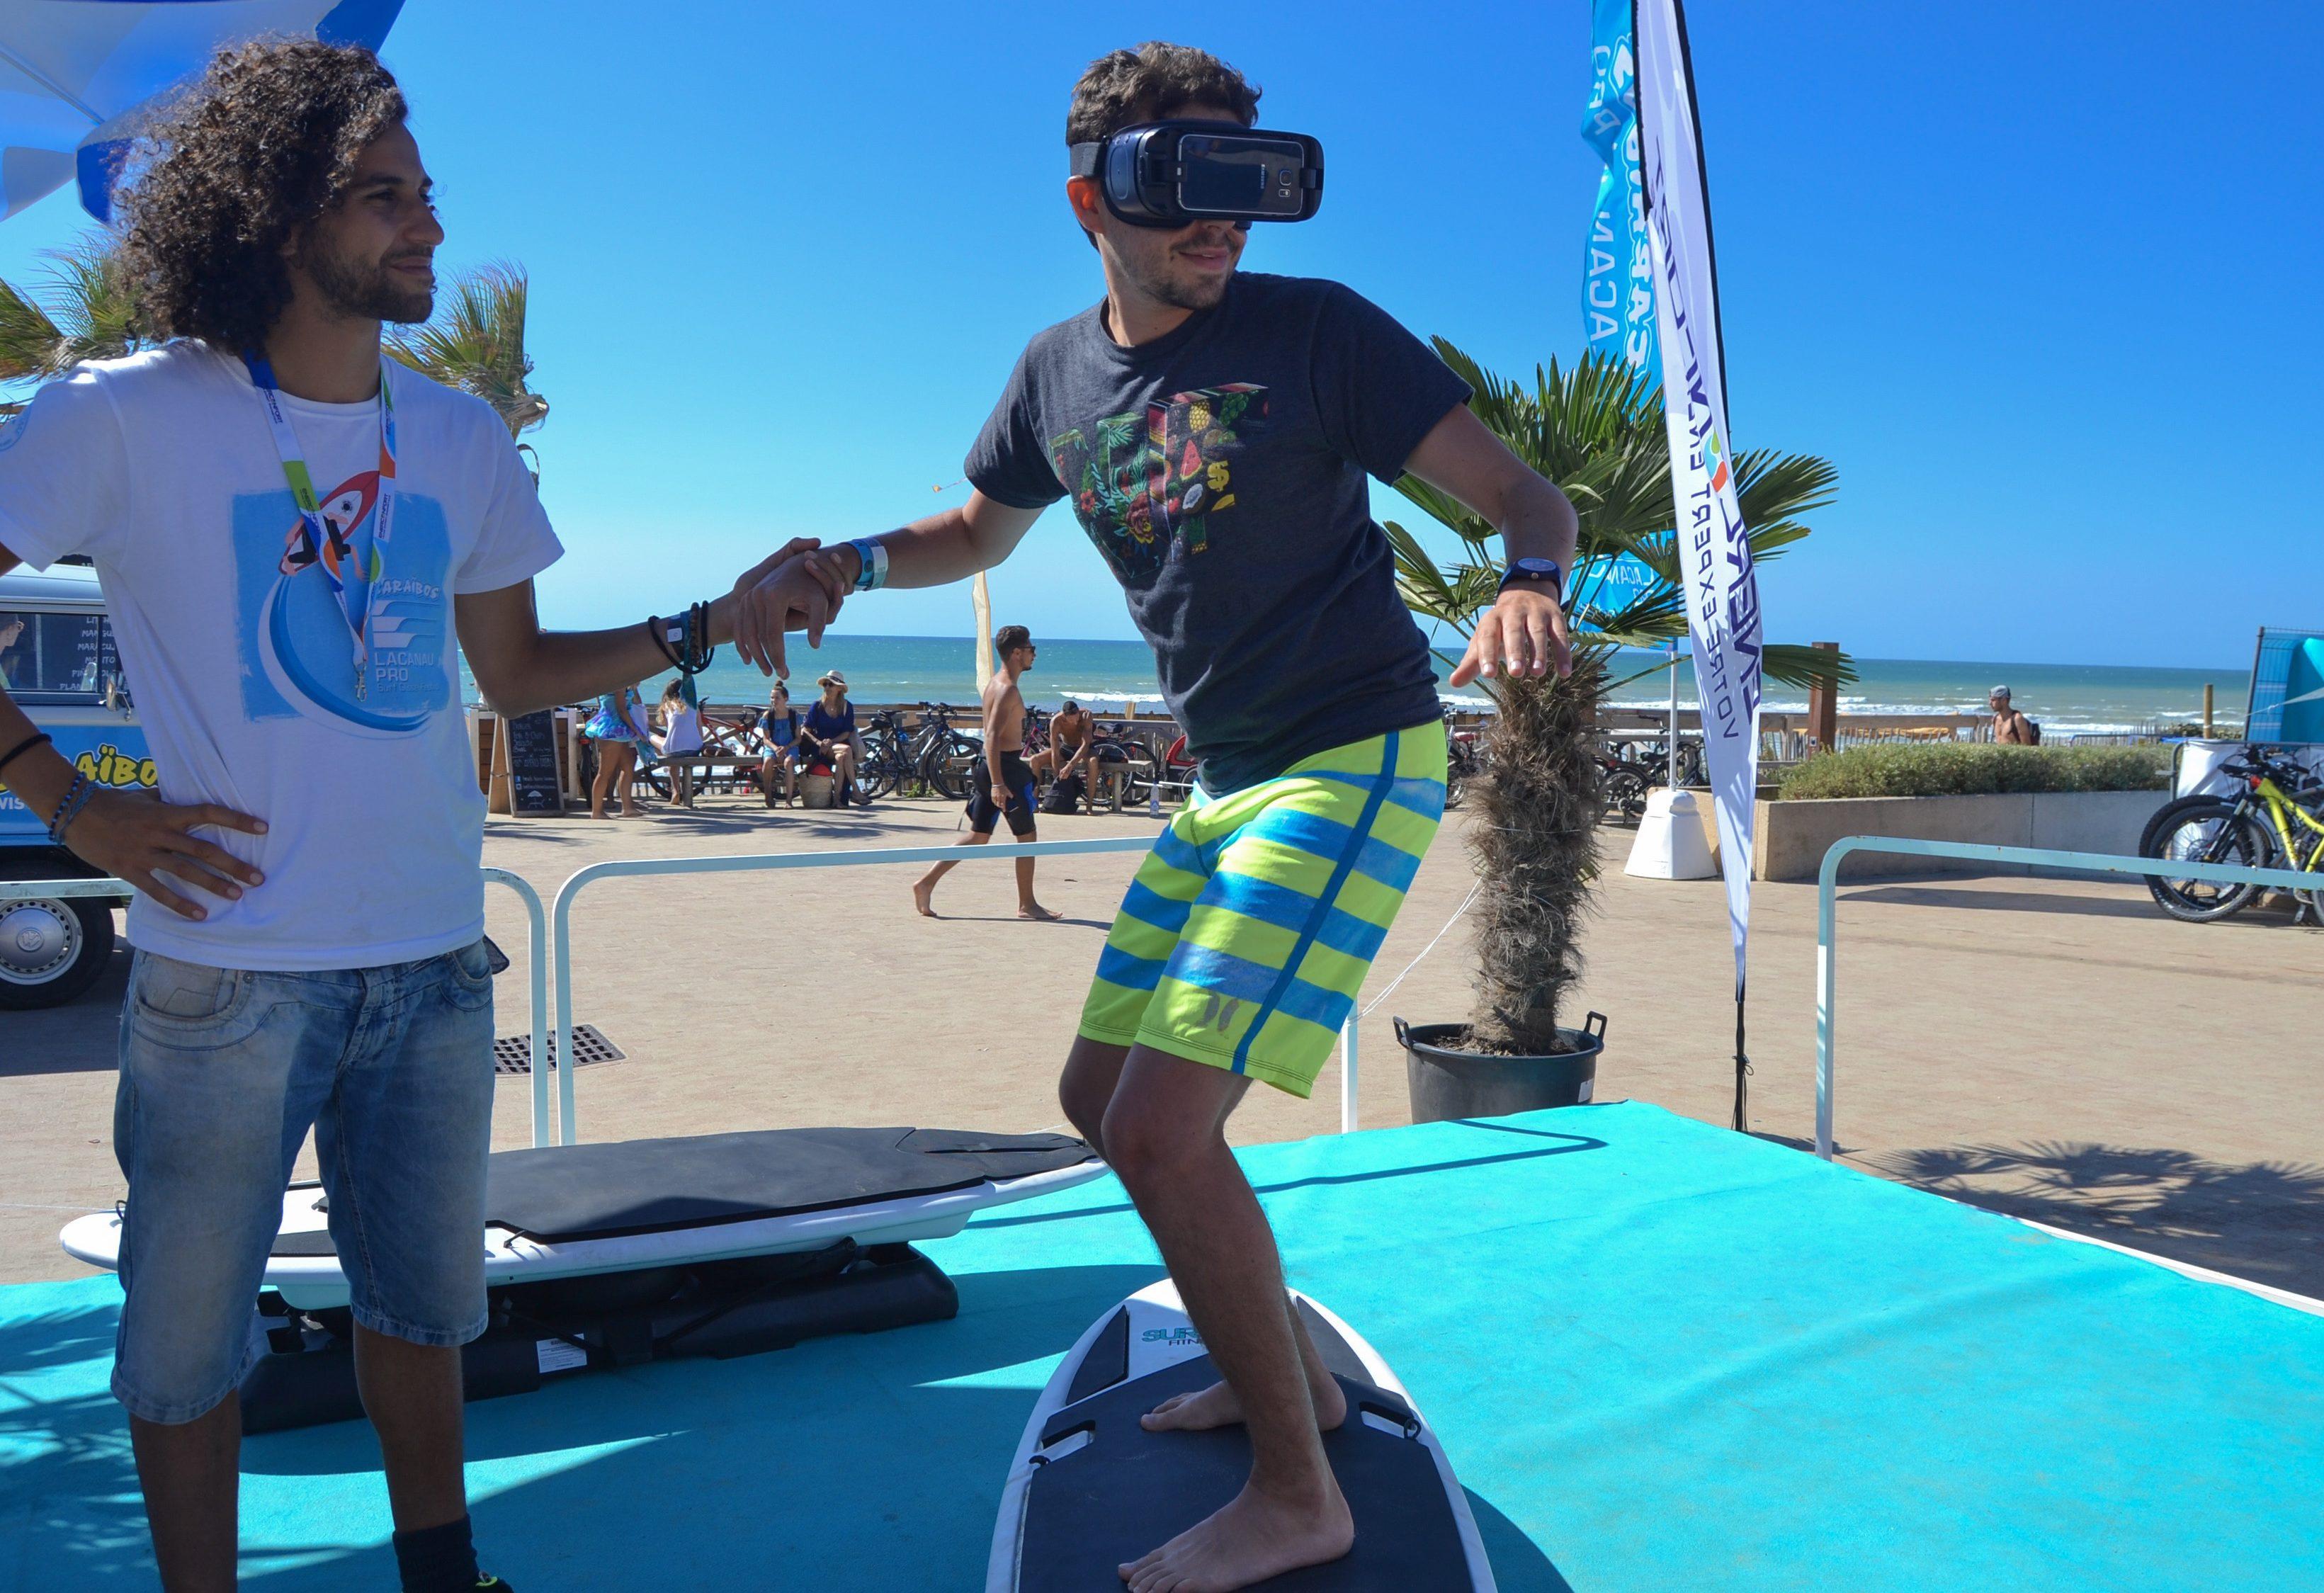 caraibos-lacanau-pro-surf-blog-voyage-les-ptits-touristes-wsl-enerconfort